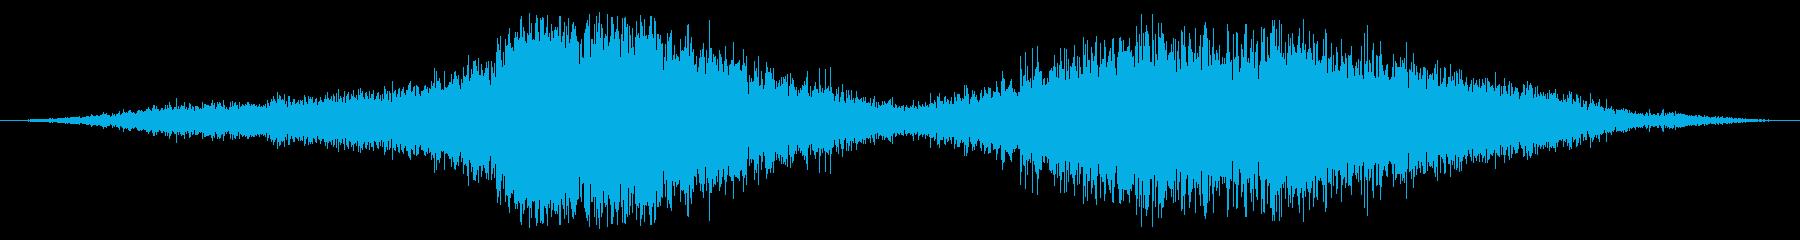 内線:左から右へ高速で渡すの再生済みの波形